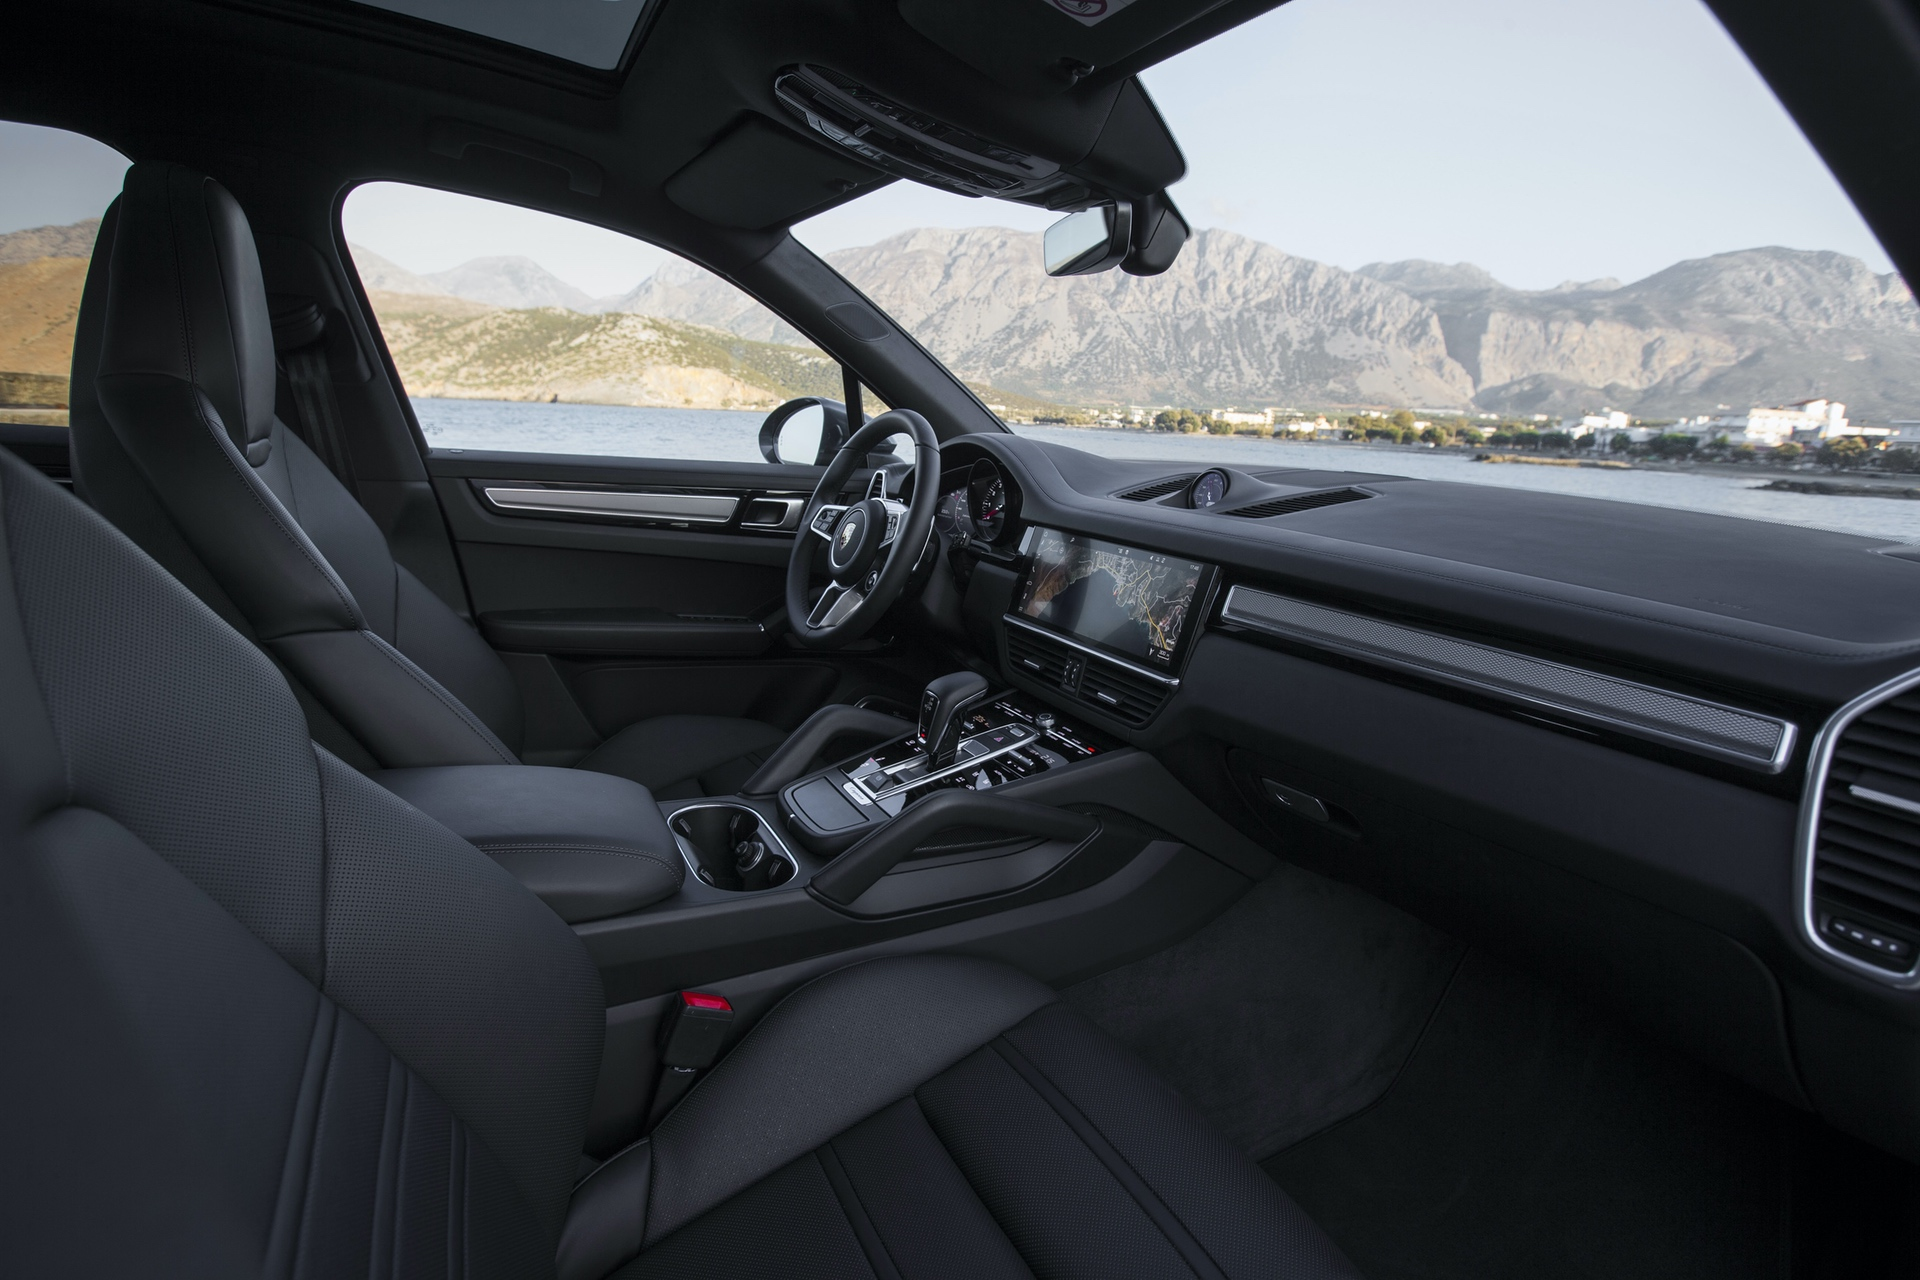 Test_Drive_Porsche_Cayenne_59